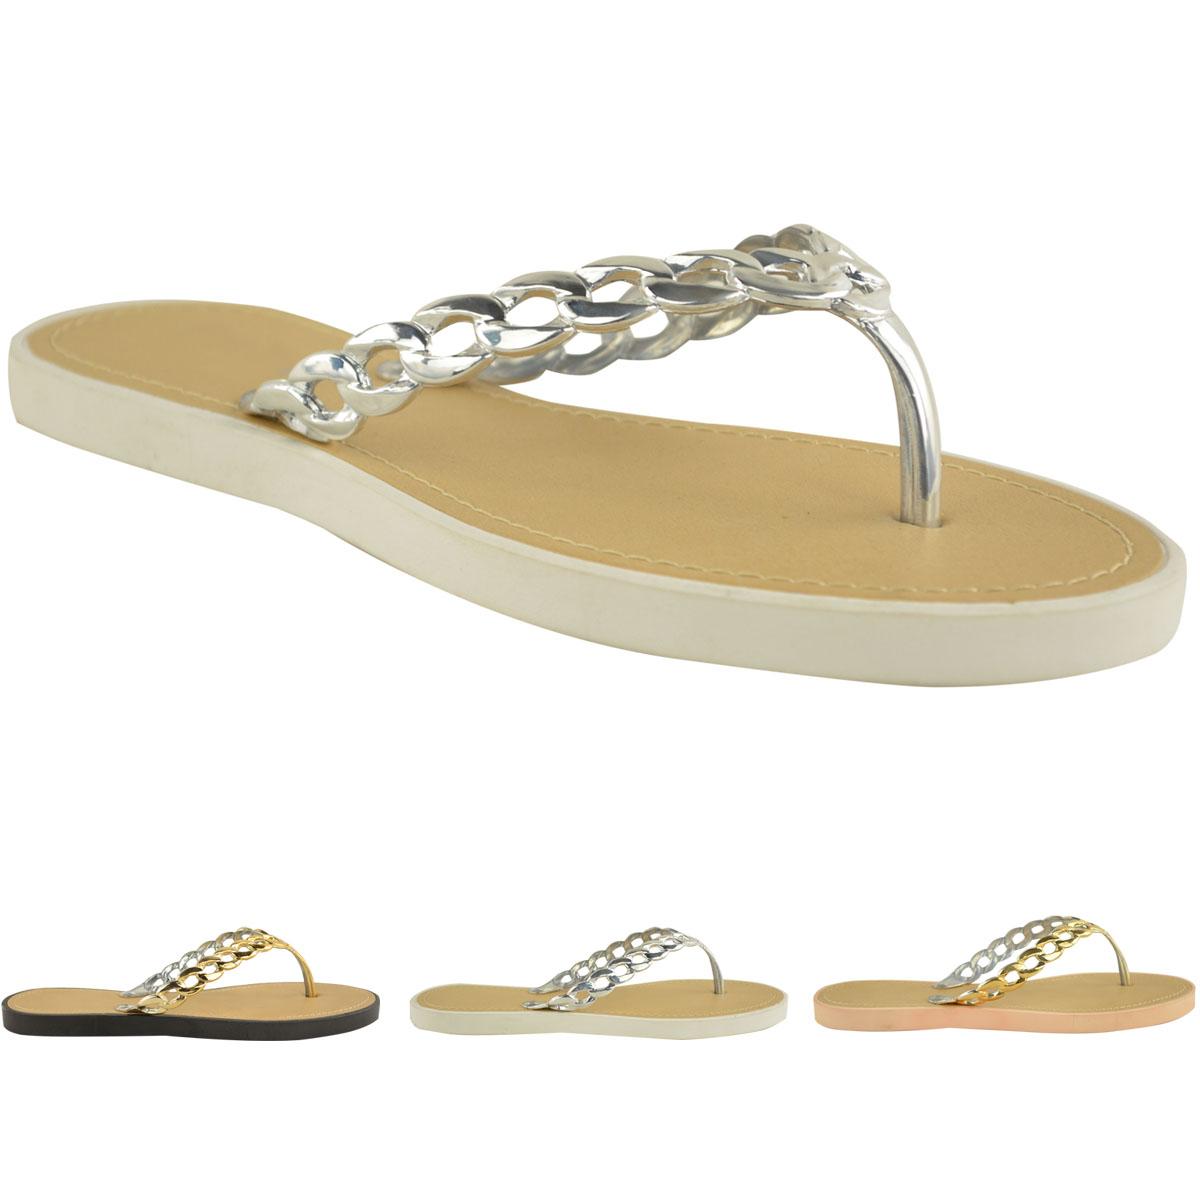 Related: sandals sandalias chanclas de hombre chanclas adidas flip flops mens sandals chanclas nike chanclas jordan chanclas hombre chanclas supreme Include description Categories.